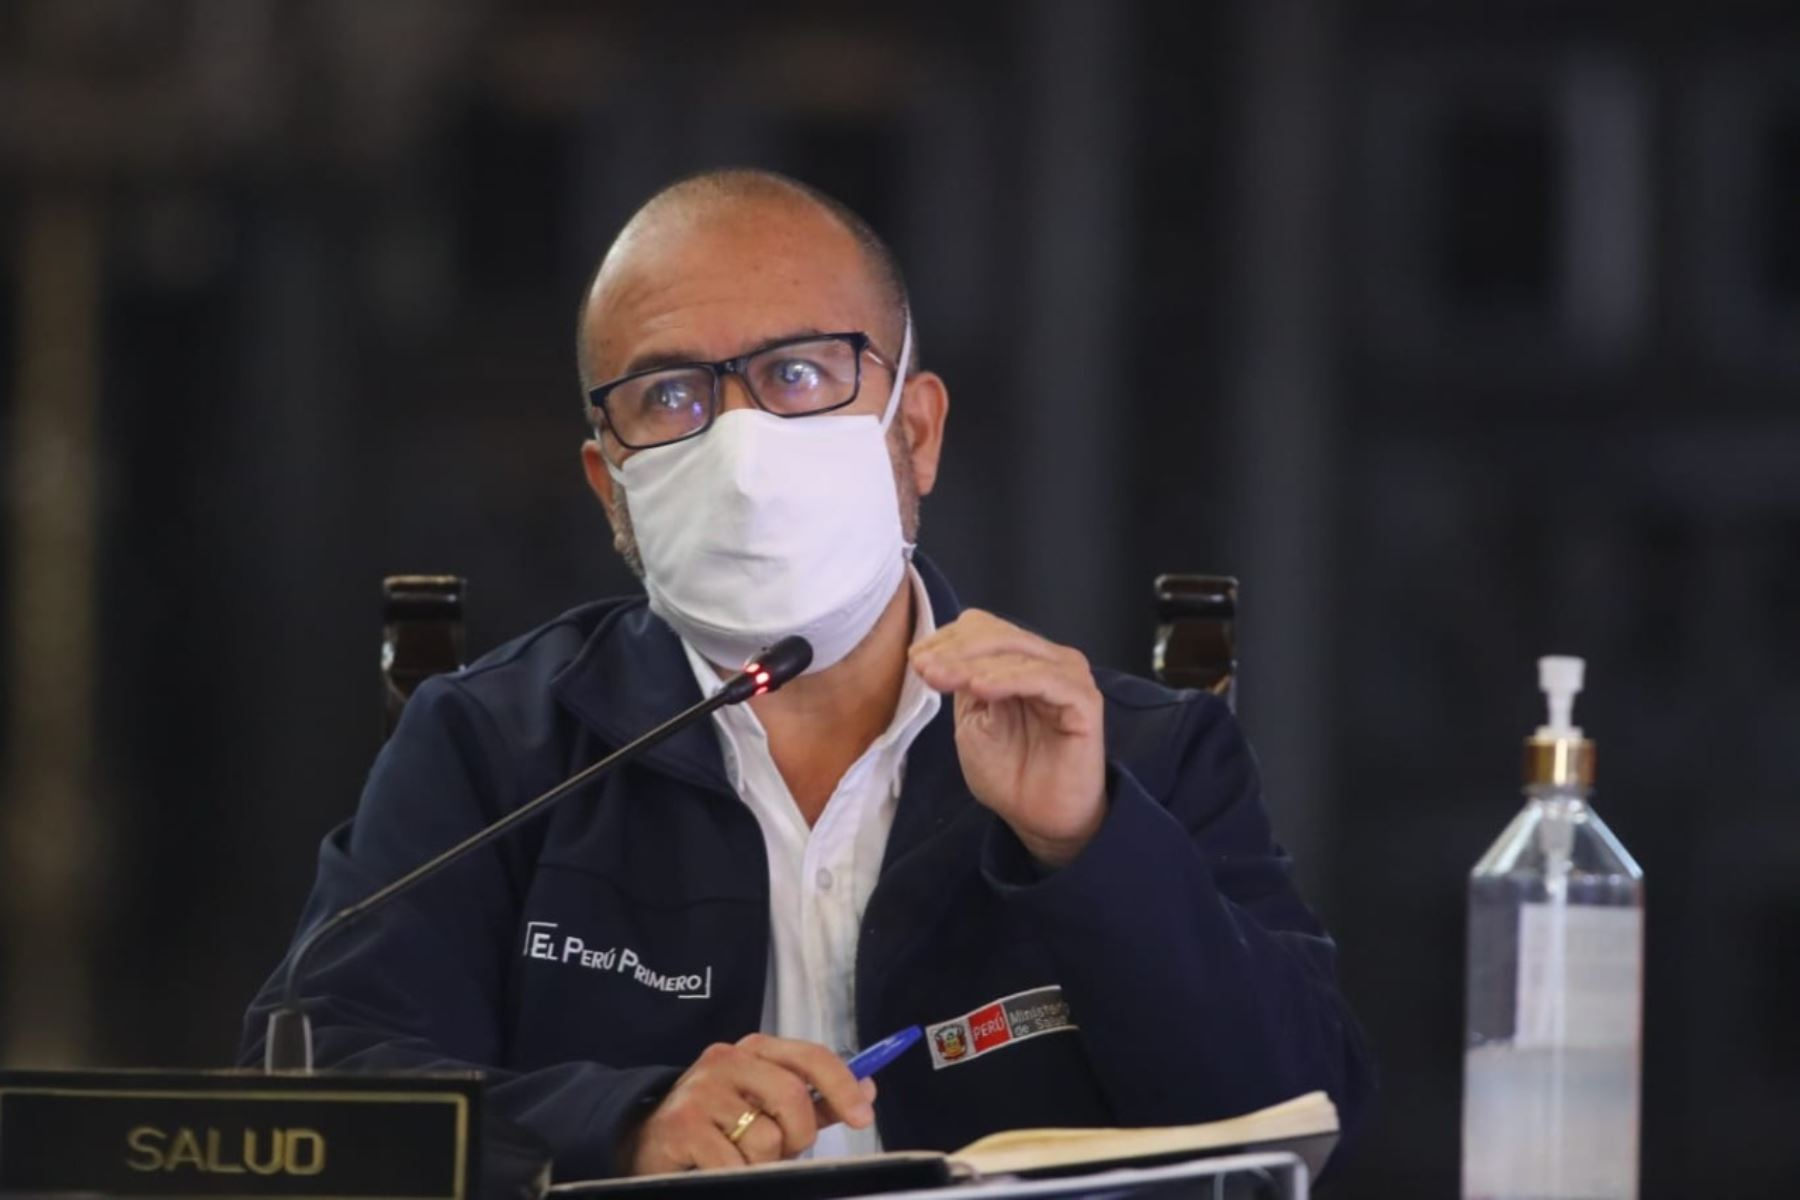 El ministro de Salud , Víctor Zamora participa en la conferencia sobre las medidas adoptadas por el Gobierno en el marco del estado de emergencia nacional por el covid-19.  Foto: ANDINA/Prensa Presidencia